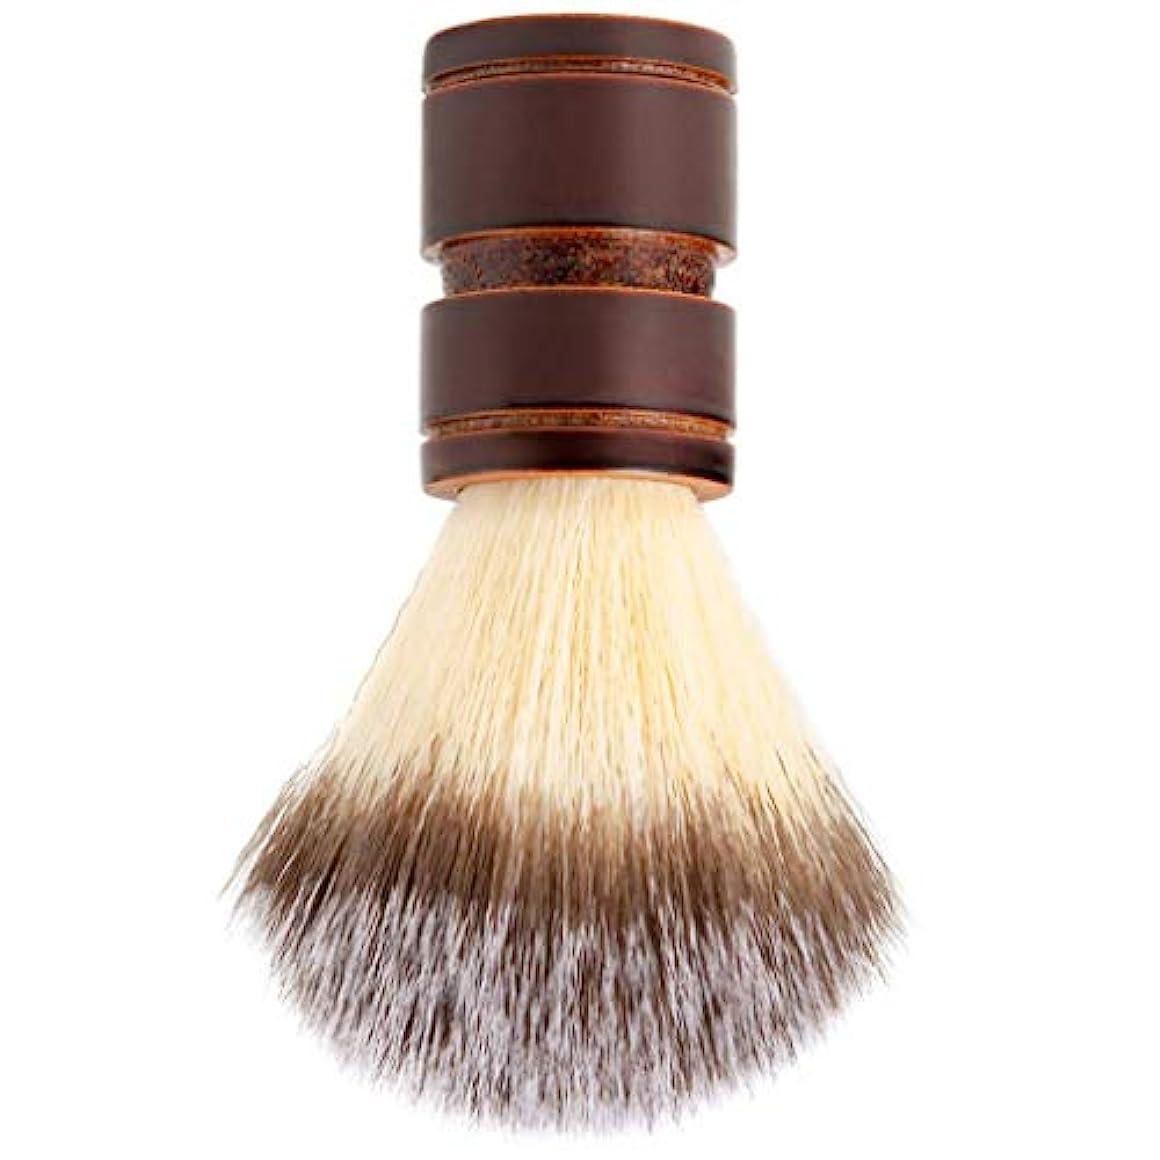 怖がらせるミニ体操ひげブラシ メンズ シェービングブラシ 毛髭ブラシ 髭剃り ポータブル ひげ剃り 美容ツール